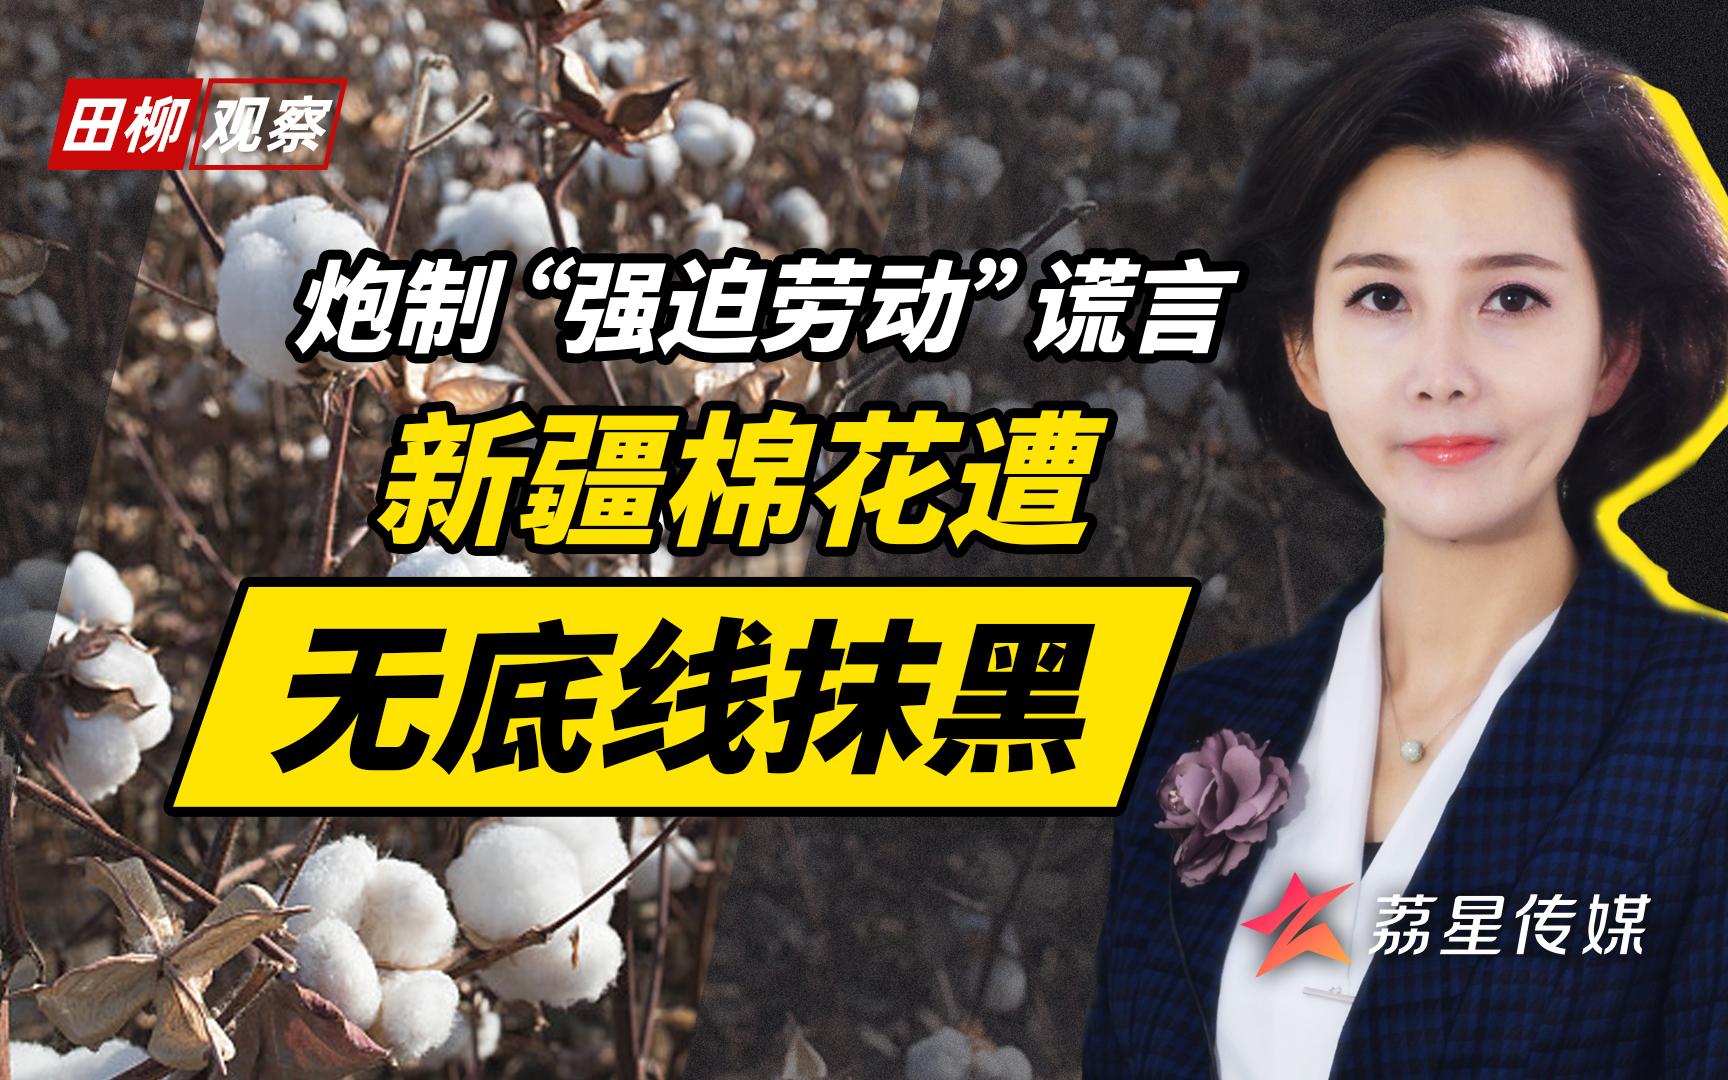 抹黑新疆棉花:西方国家嘴上都是主义,心里都是生意